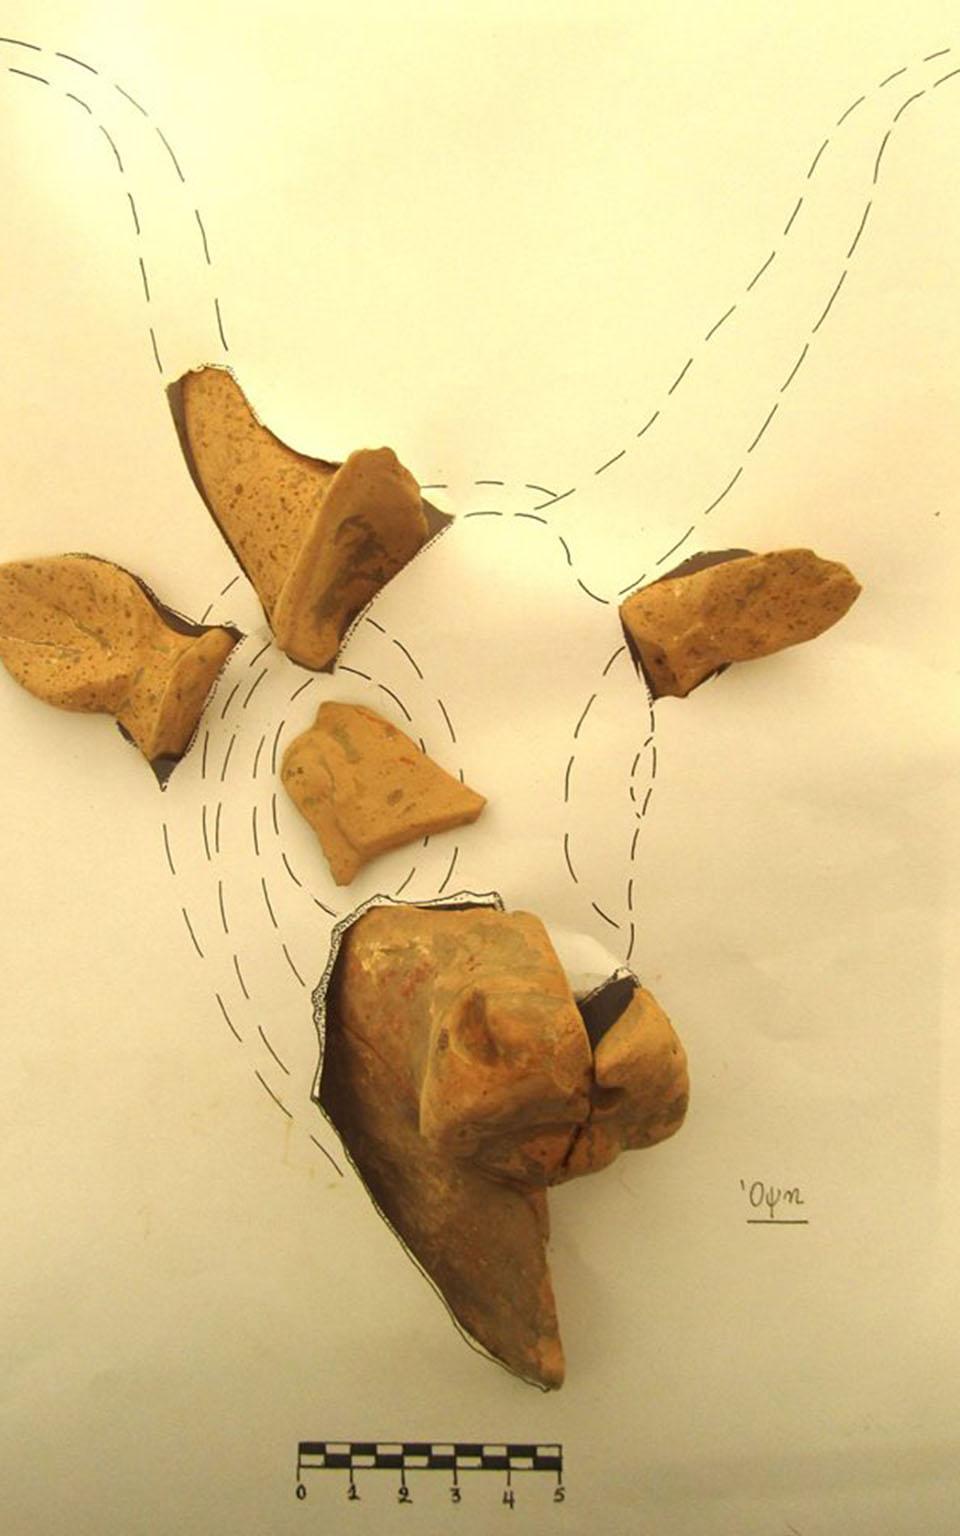 sto-fos-simantikes-archaiologikes-anakalypseis-stin-kriti-fotografies7